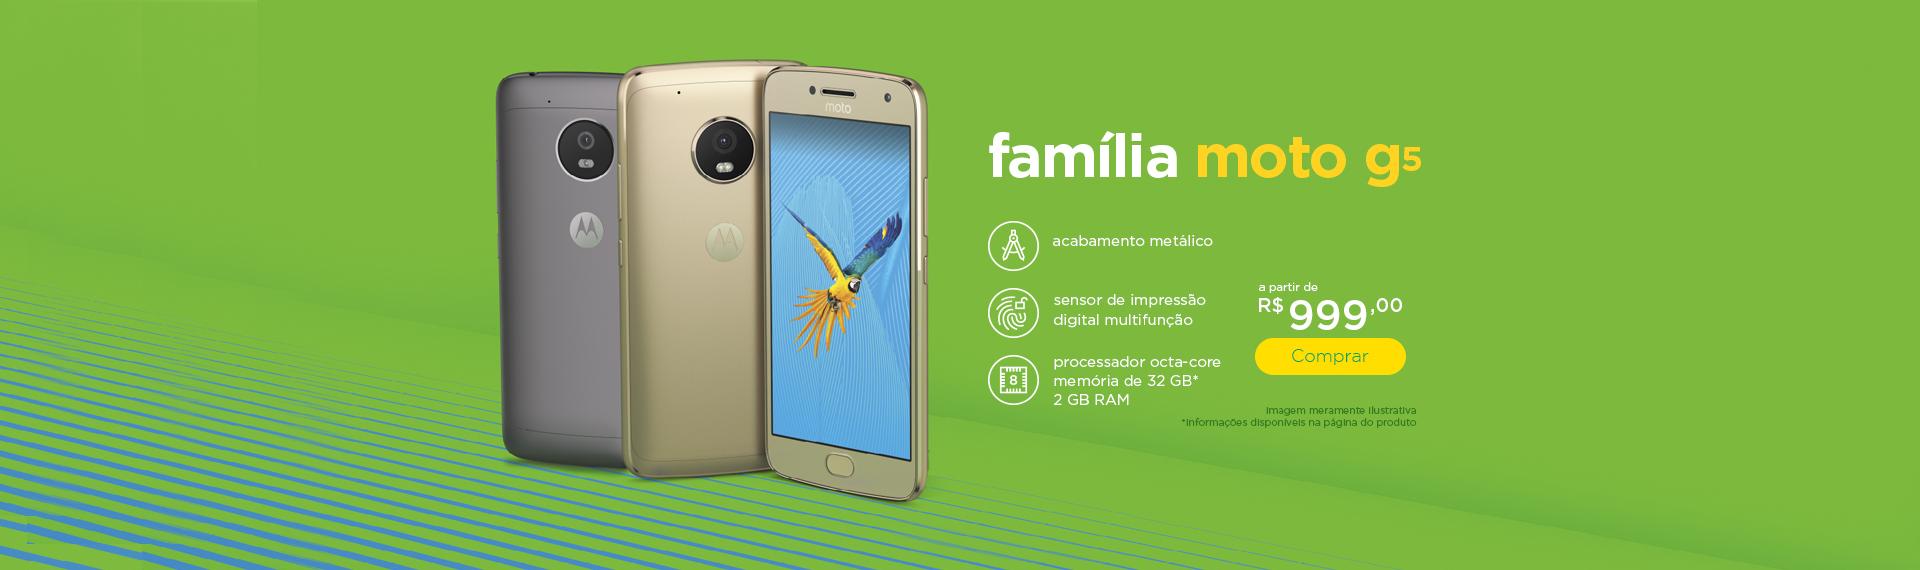 MOTO G5 FAMILIA